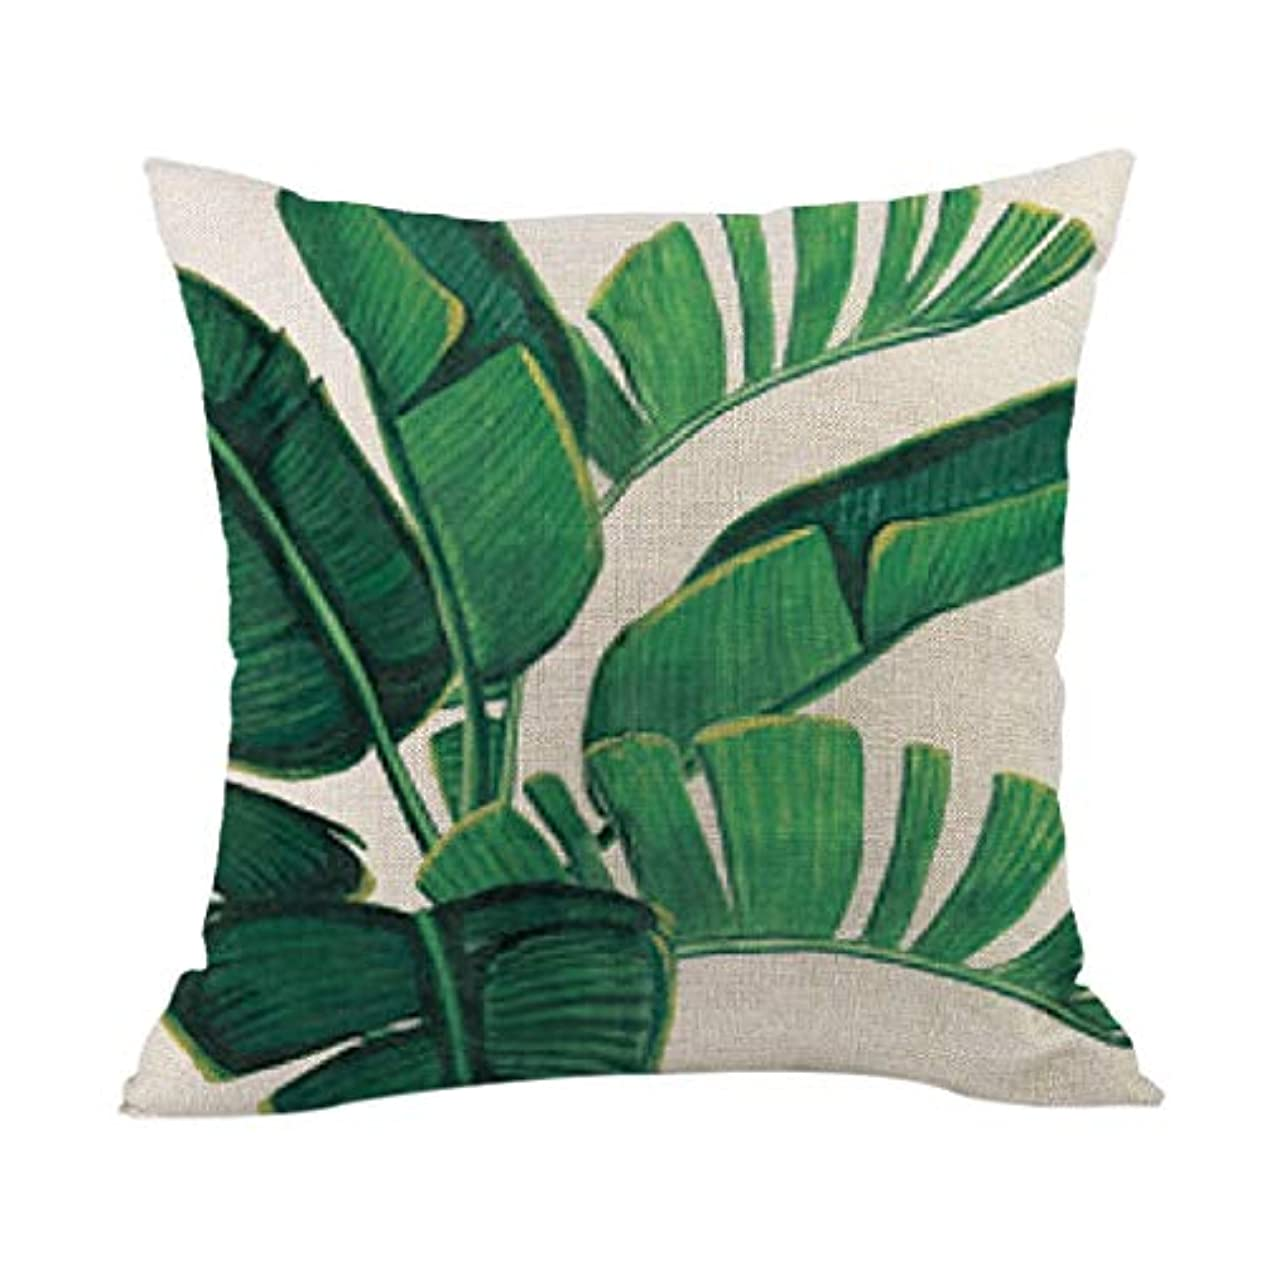 自分国変成器LIFE 高品質クッション熱帯植物ポリエステル枕ソファ投げるパッドセットホーム人格クッション coussin decoratif クッション 椅子